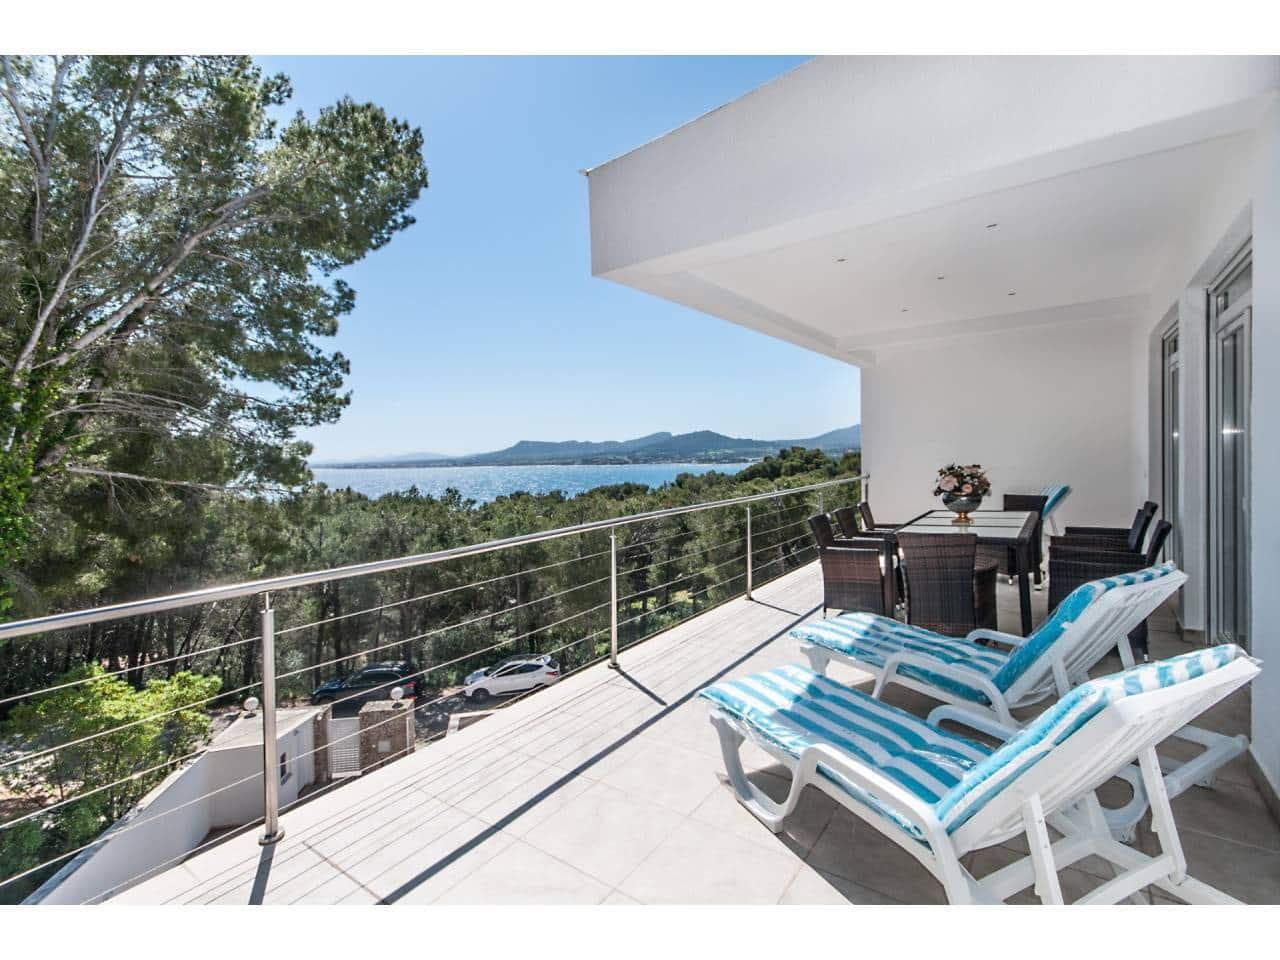 Chalet de 4 habitaciones en Costa de los Pinos en venta - 2.100.000 € (Ref: 3382132)